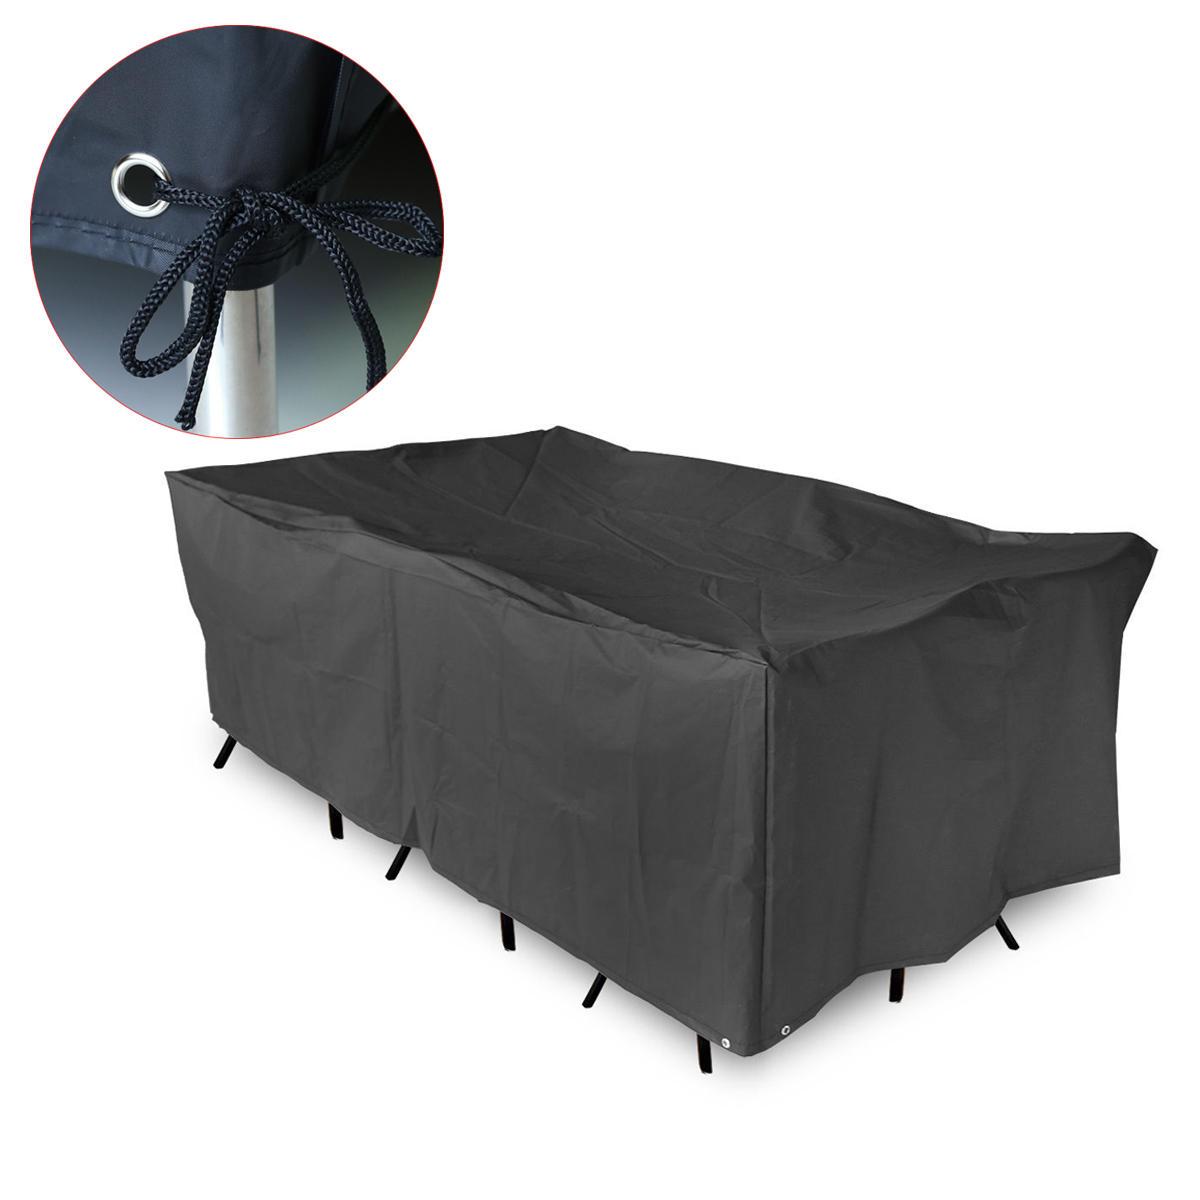 Full Size of Couch Terrasse Wasserdichte Staubdicht Tische Sthle Sofa Outdoor Wohnzimmer Couch Terrasse